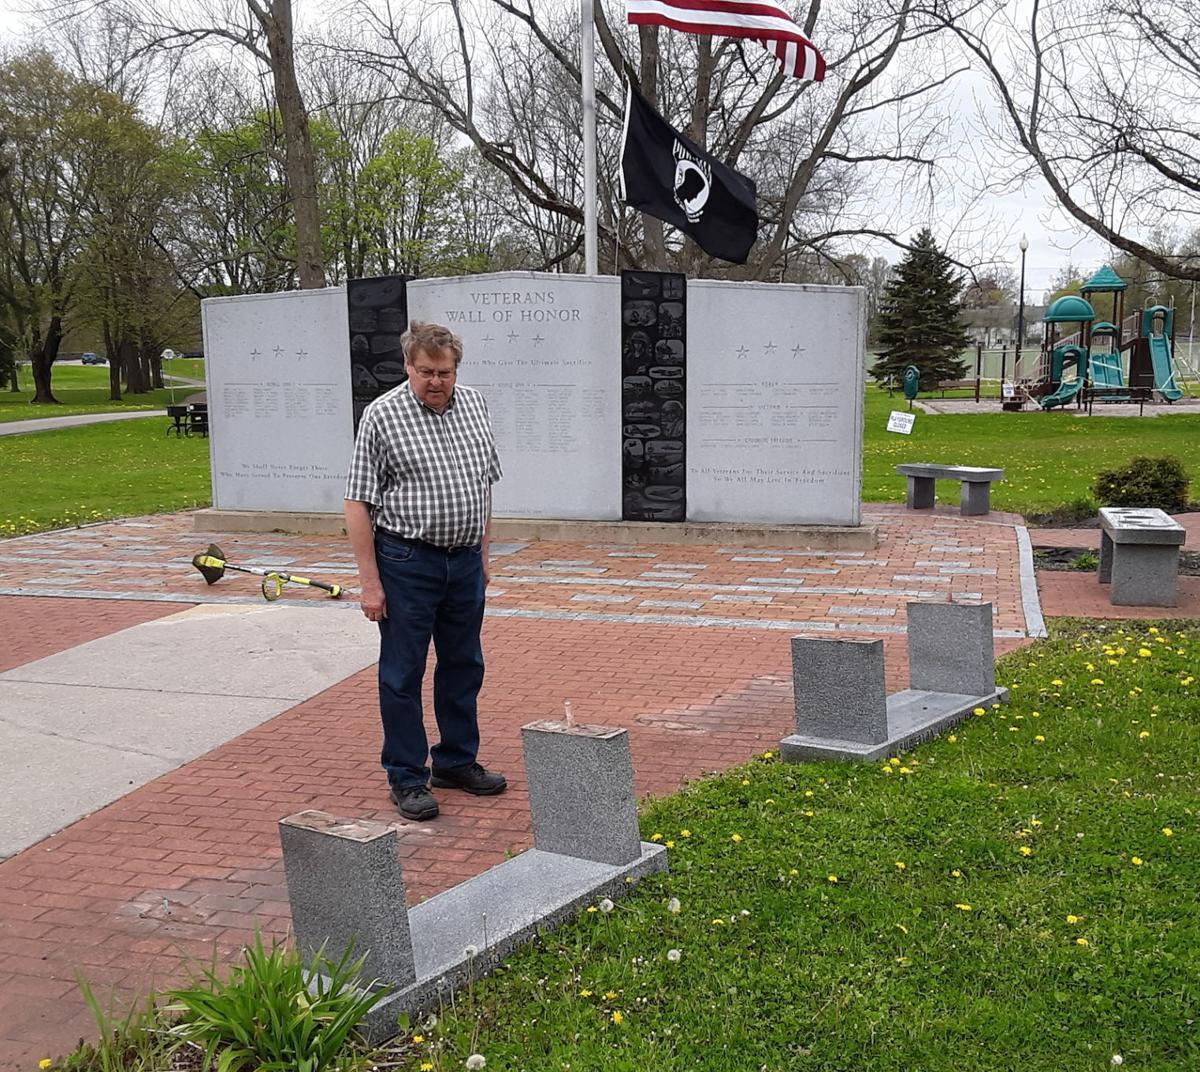 Monument damaged